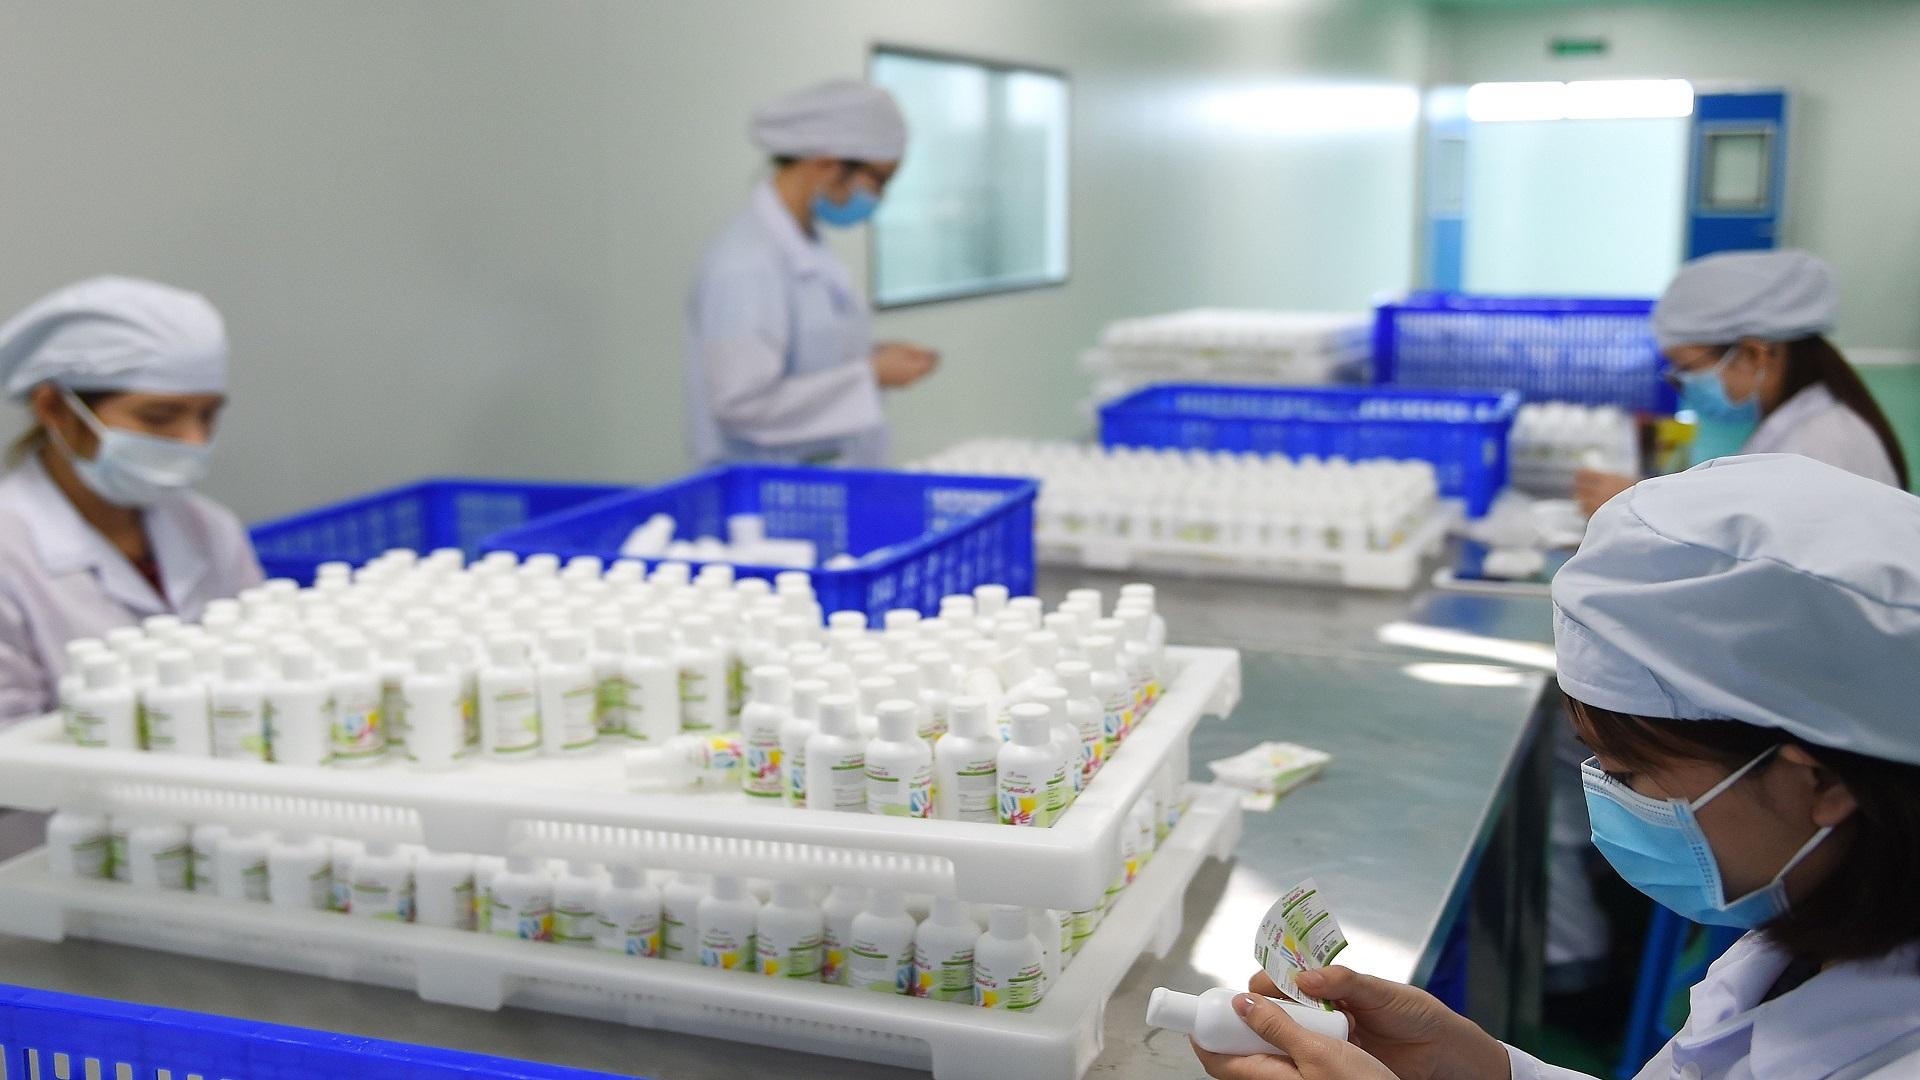 رسميا.. وزارة الصحة المغربية ترخص للتلقيح الخاص بكورونا الذي سيتلقاه المواطنون ضد الفيروس